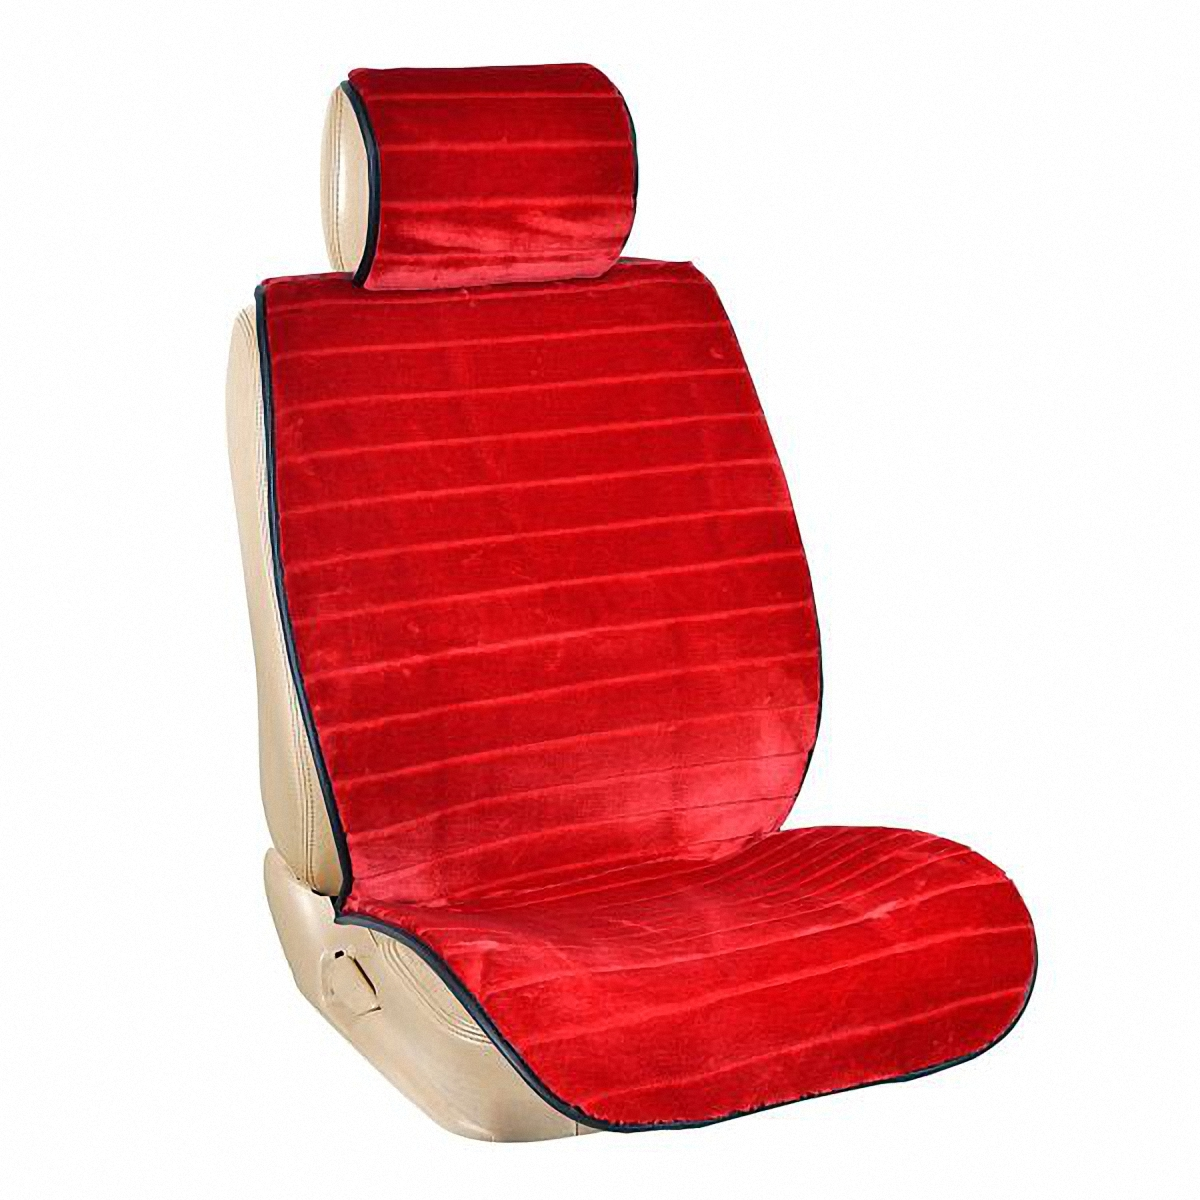 Накидки автомобильные Skyway, цвет: красный, 5 предметов. S03001068 skyway s03001068